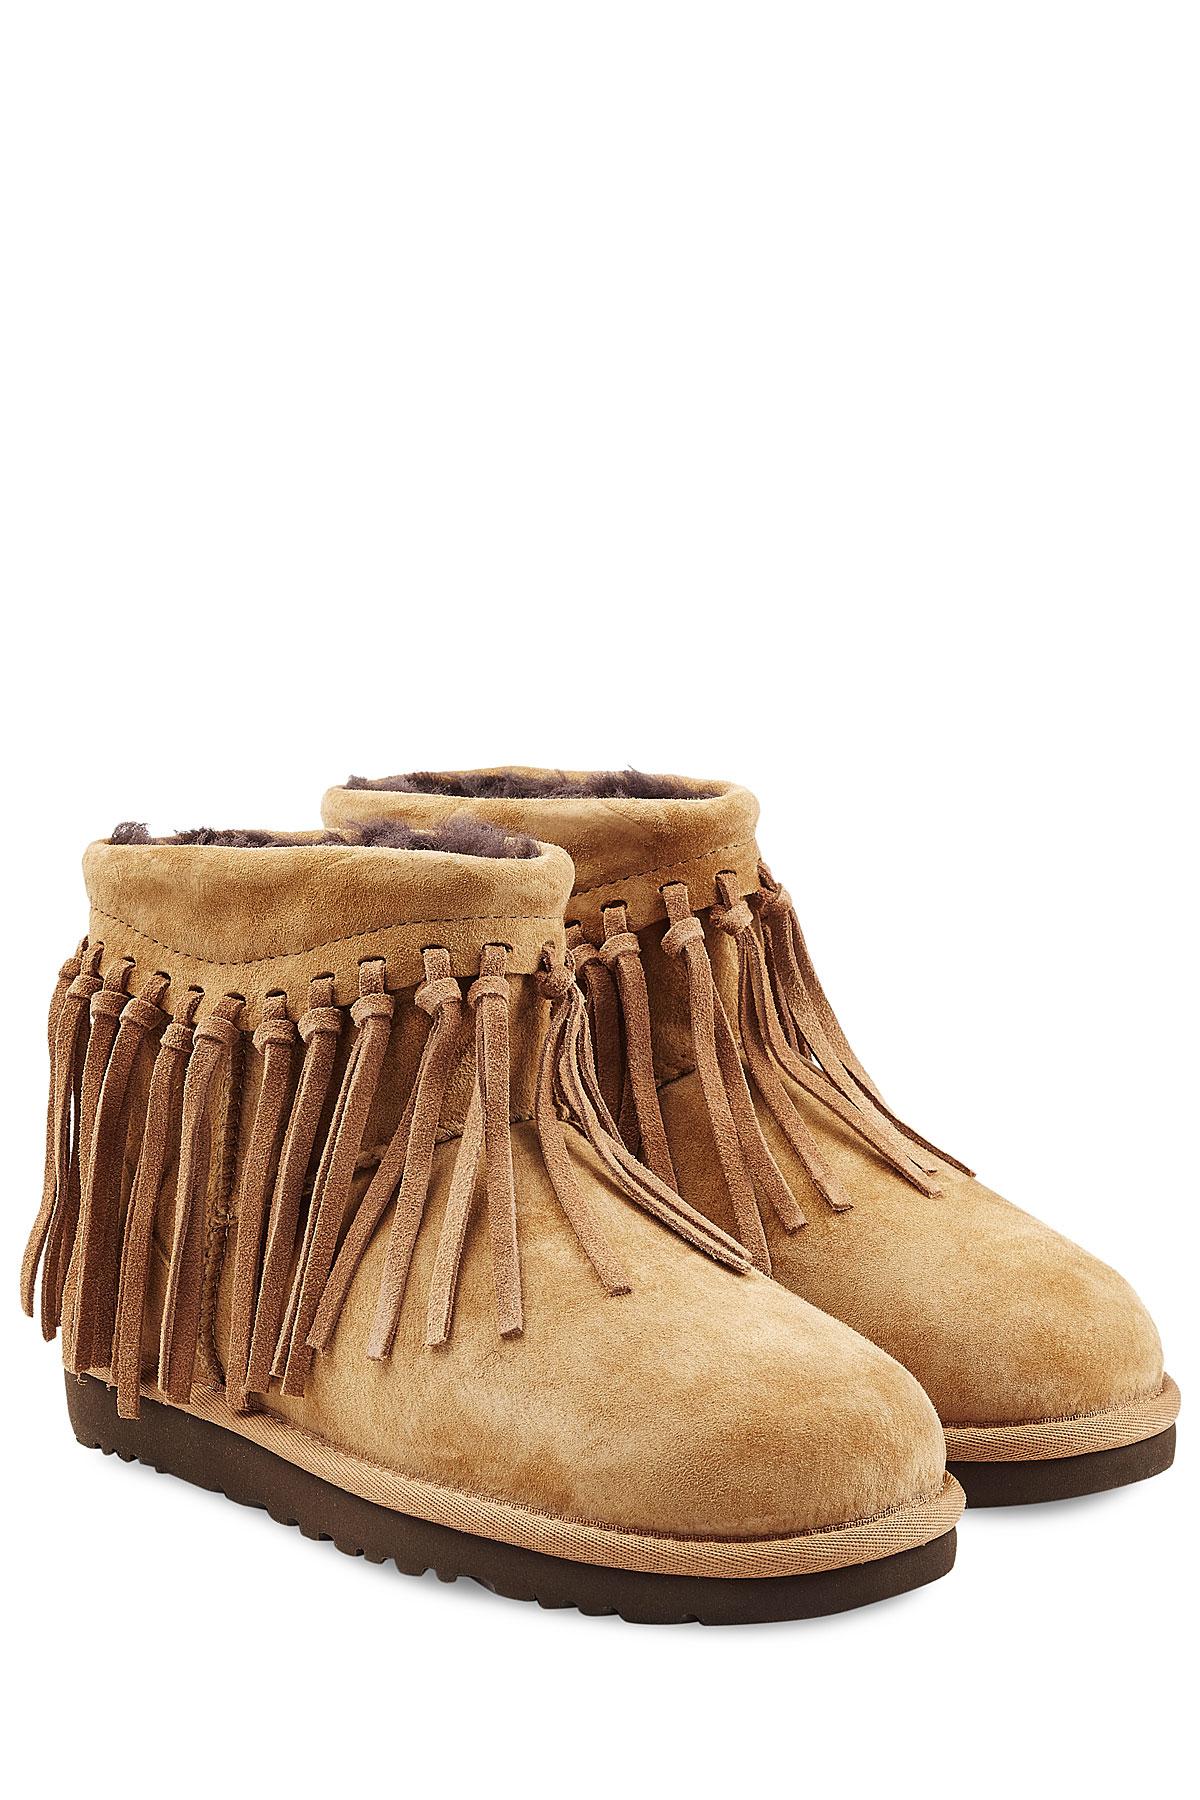 88e3912d983 UGG Natural Wynona Fringe Sheepskin Boots - Brown